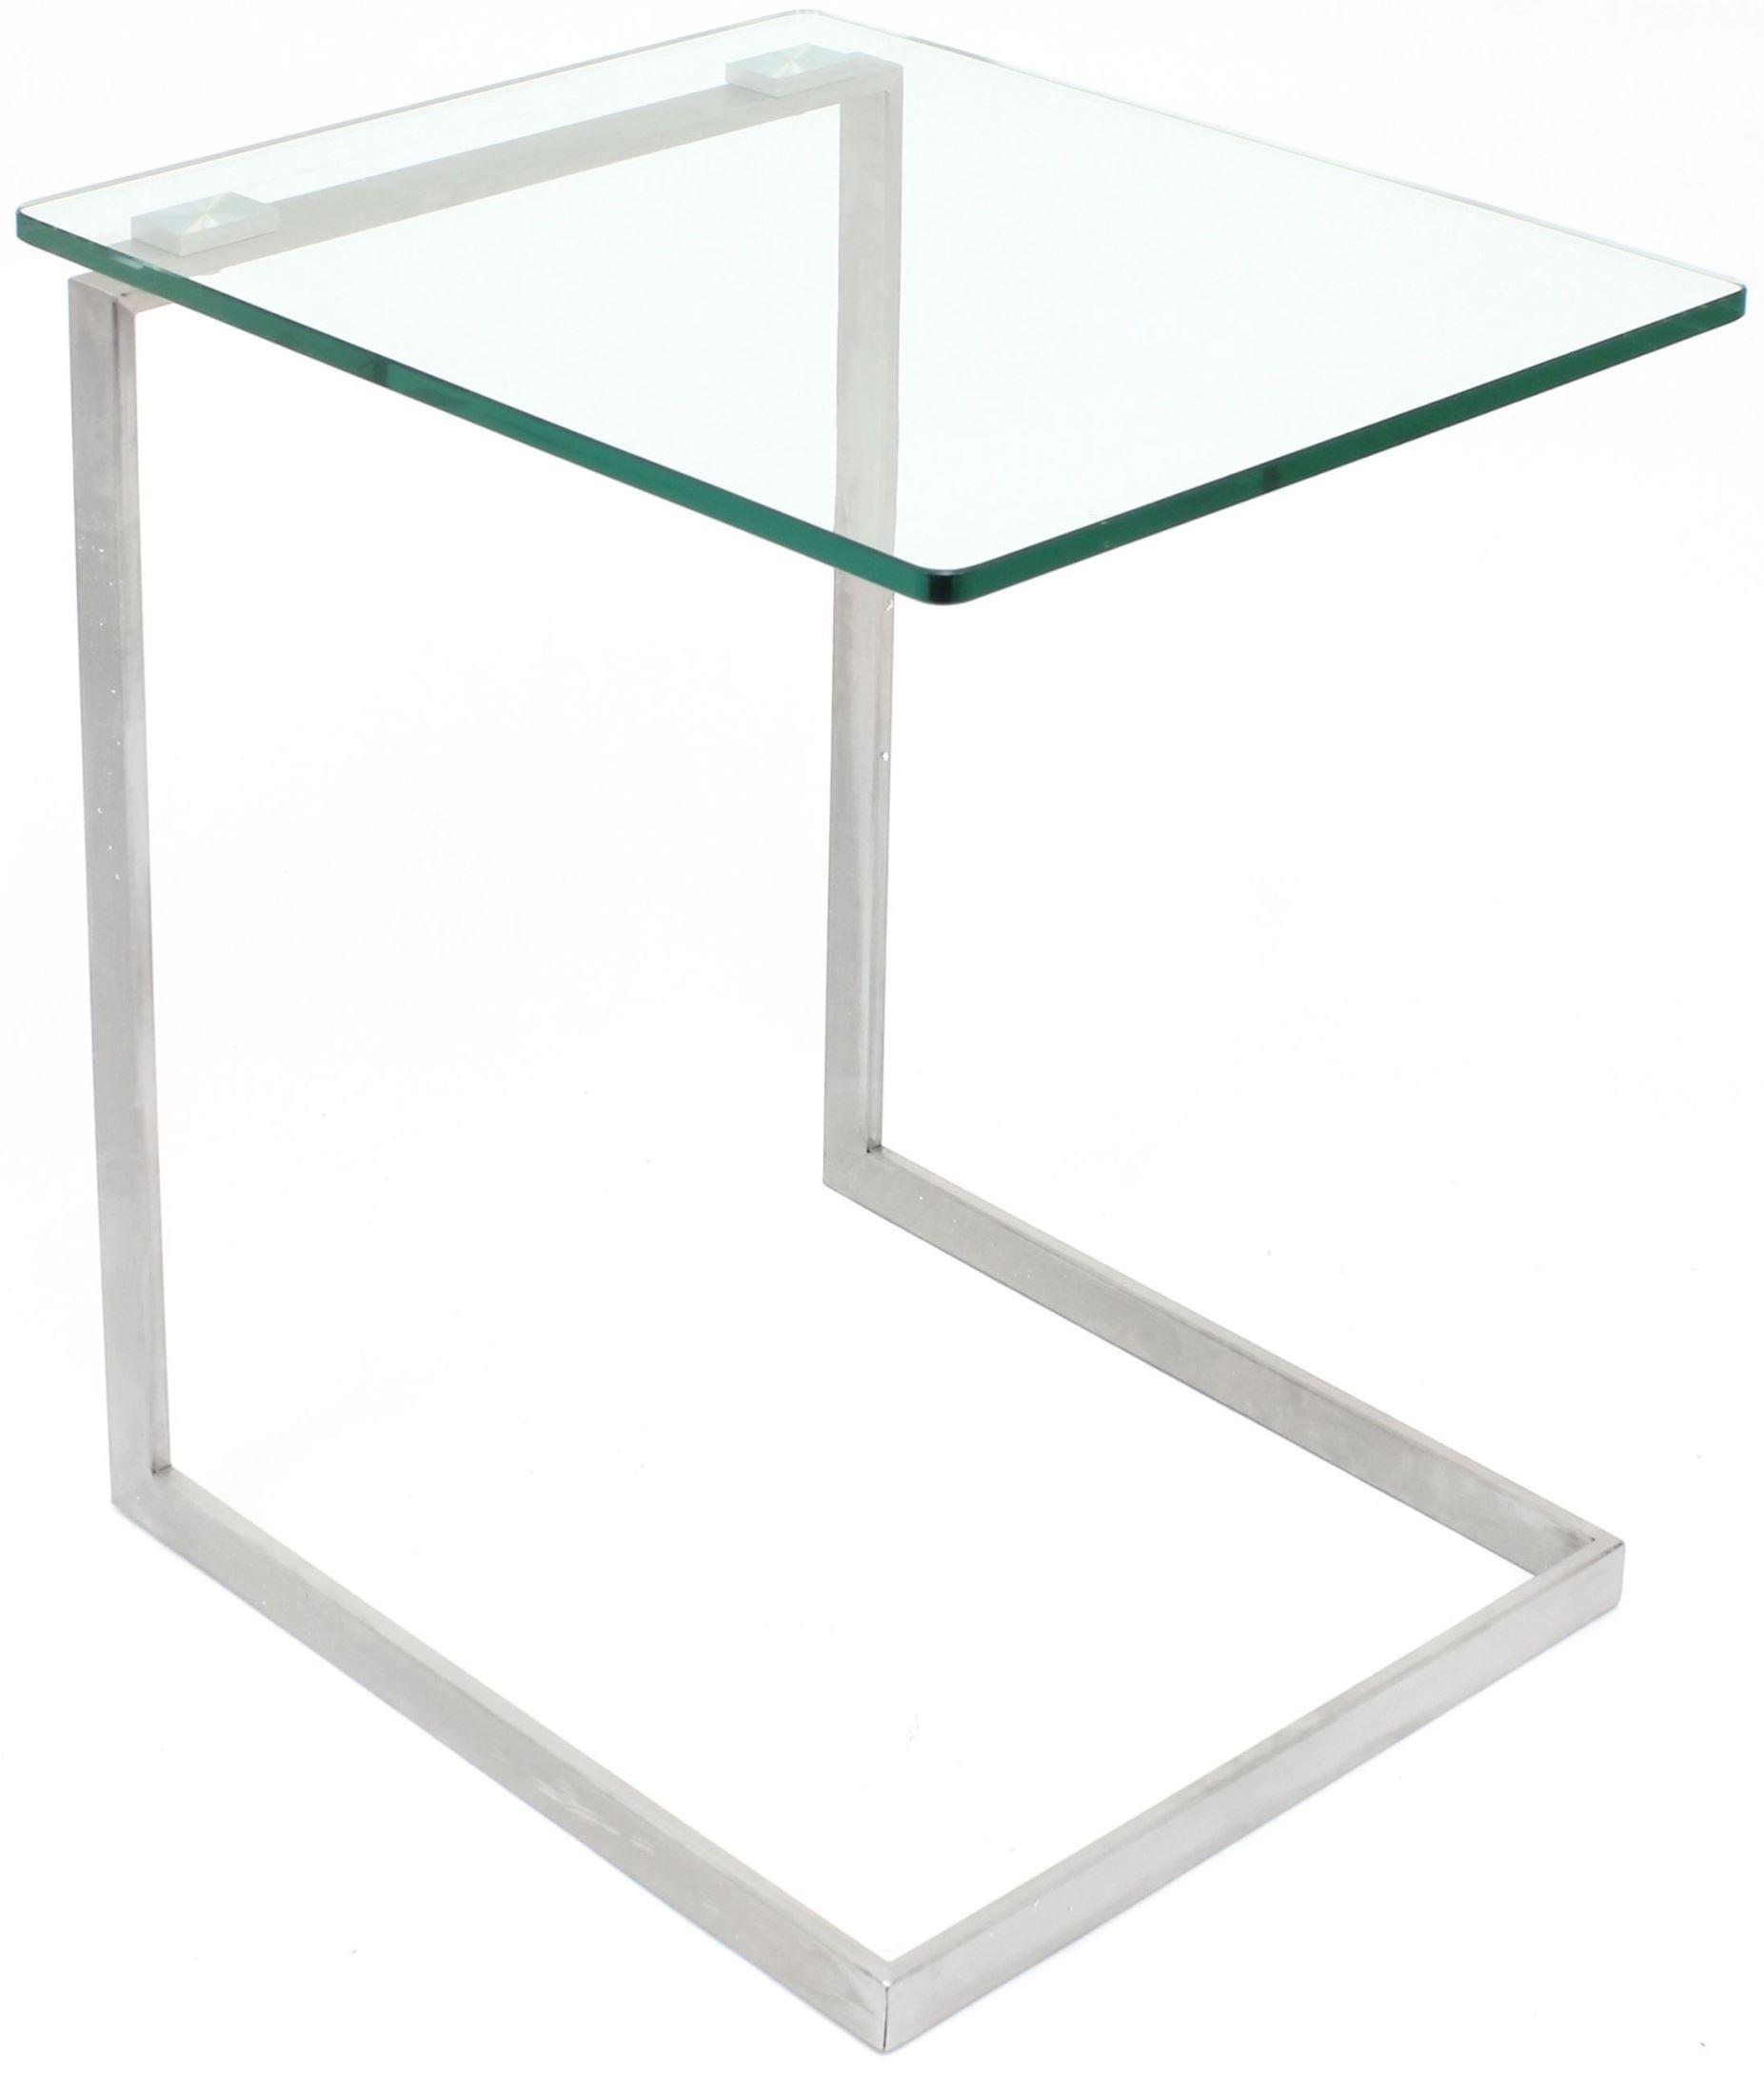 Zenn Glass End Table From Lumisource (TB-ZENN GLS